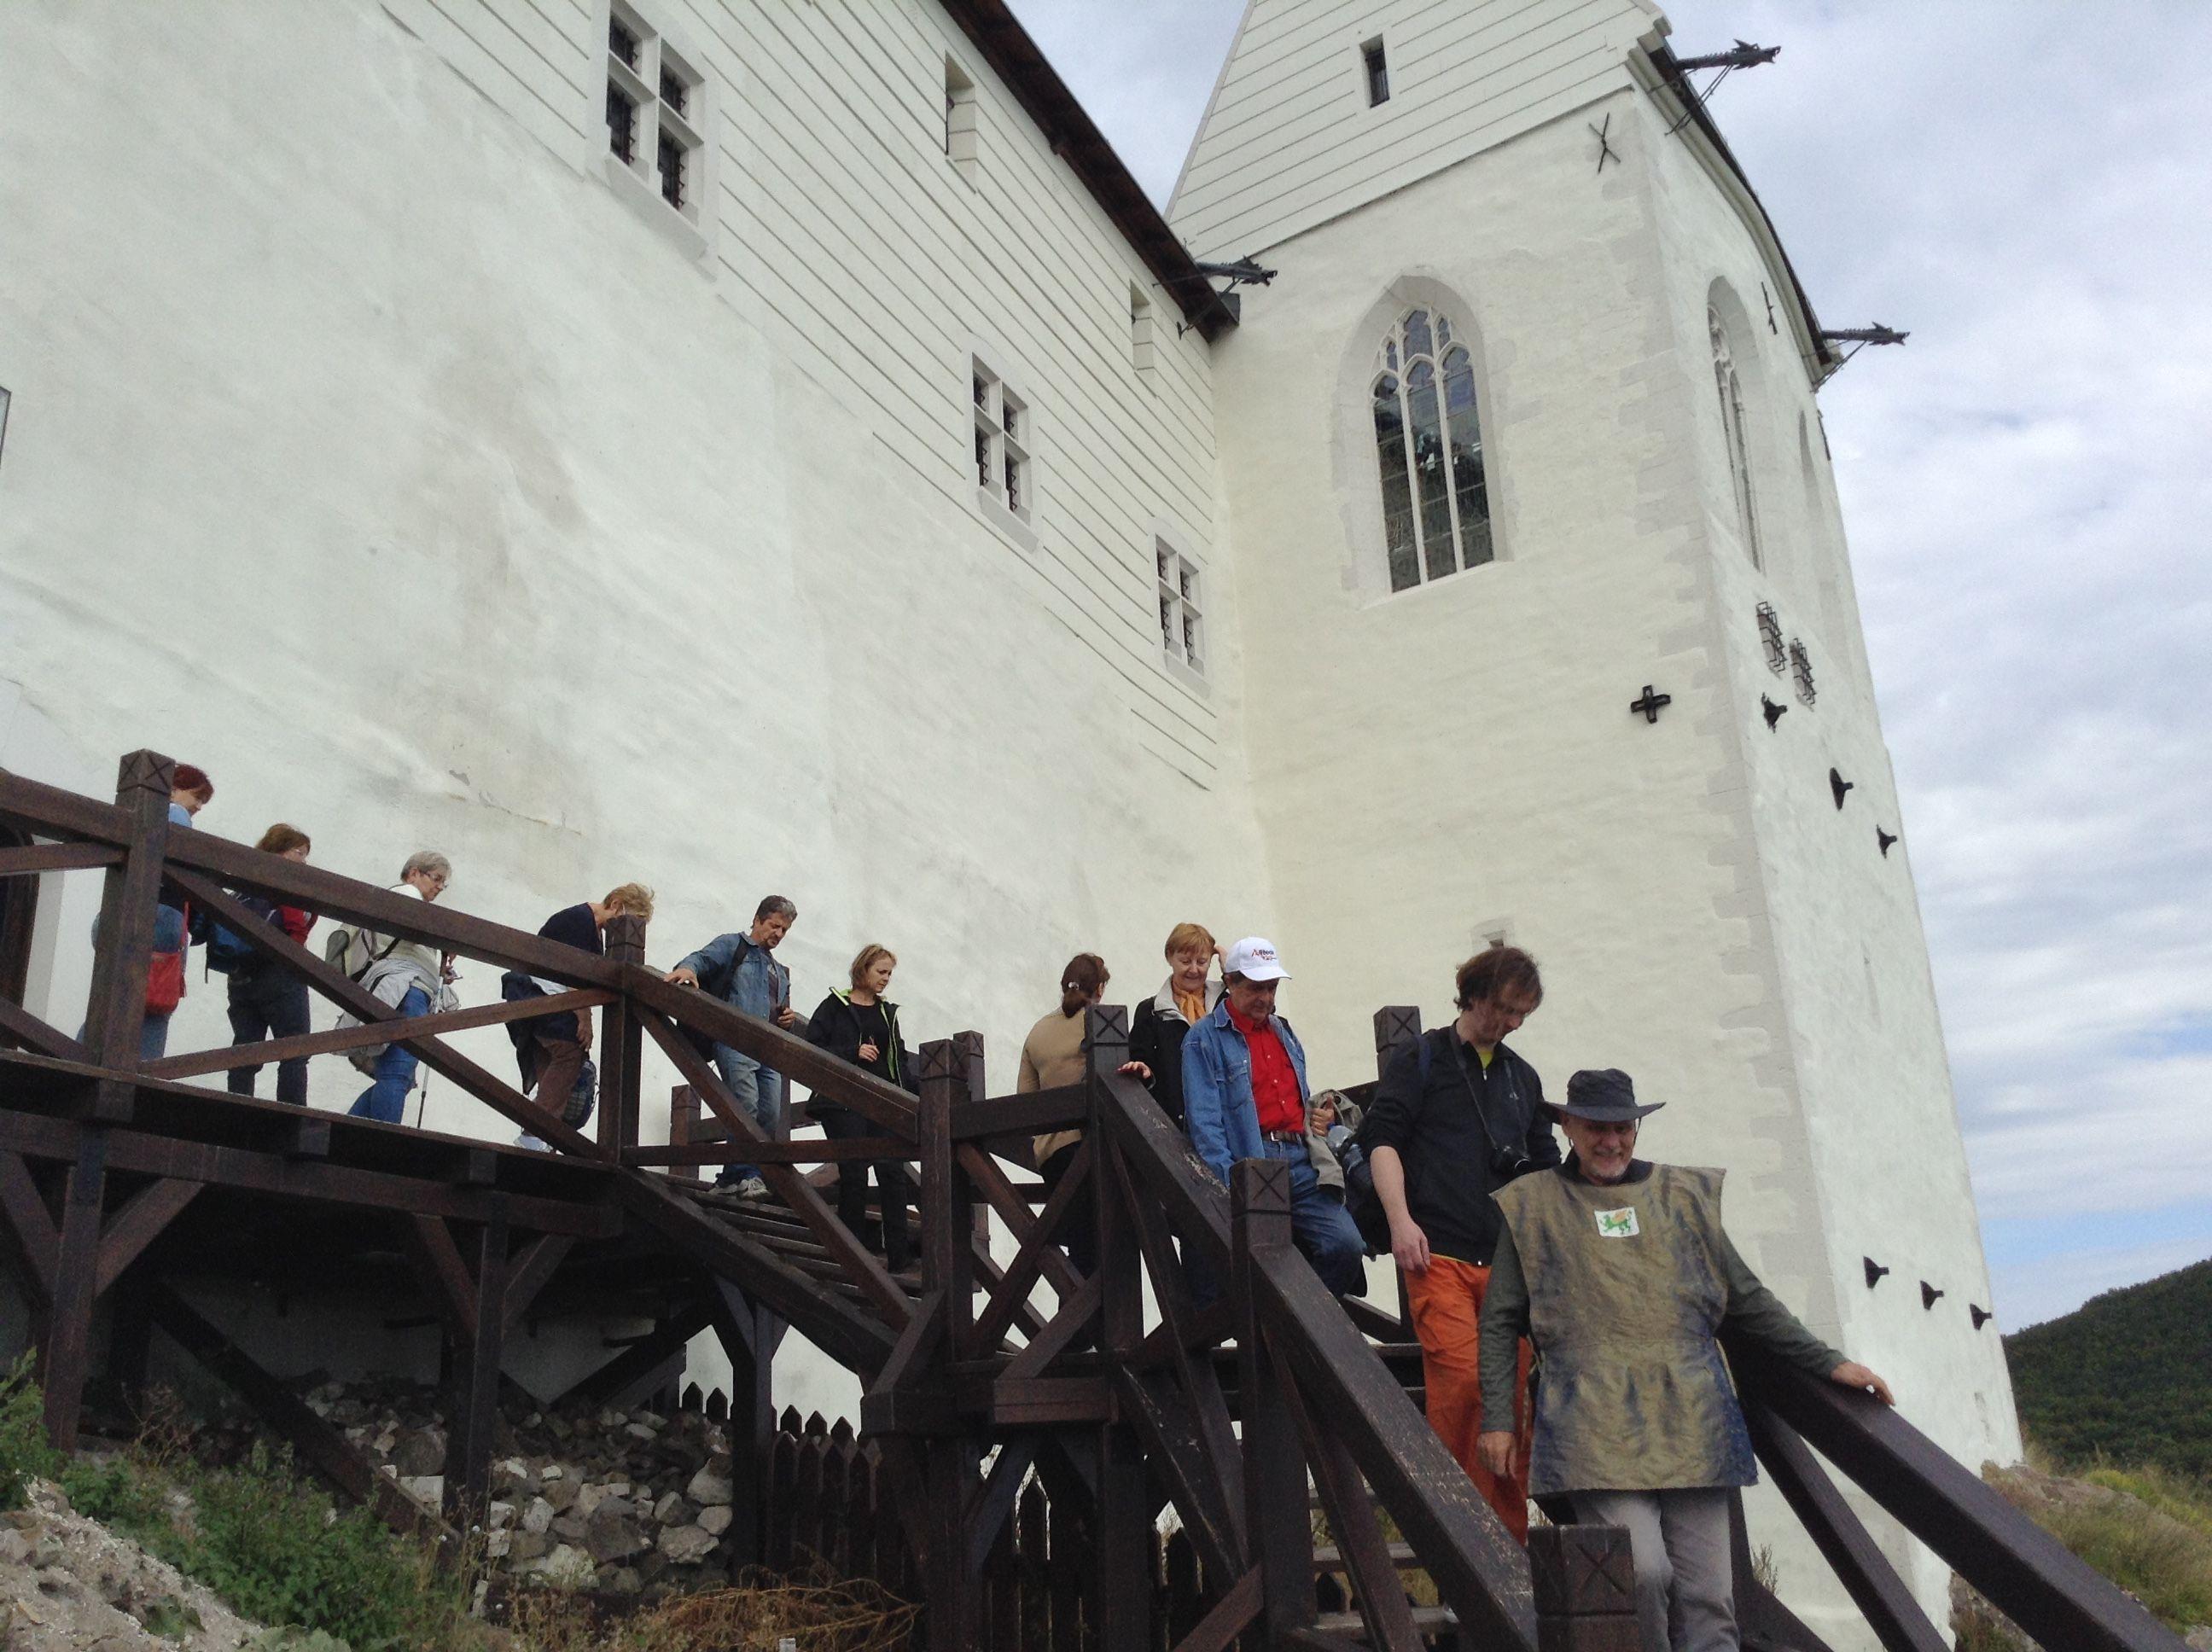 #fuzer #hungary #ecotours #tarnai #guide #tourist #castle #travel